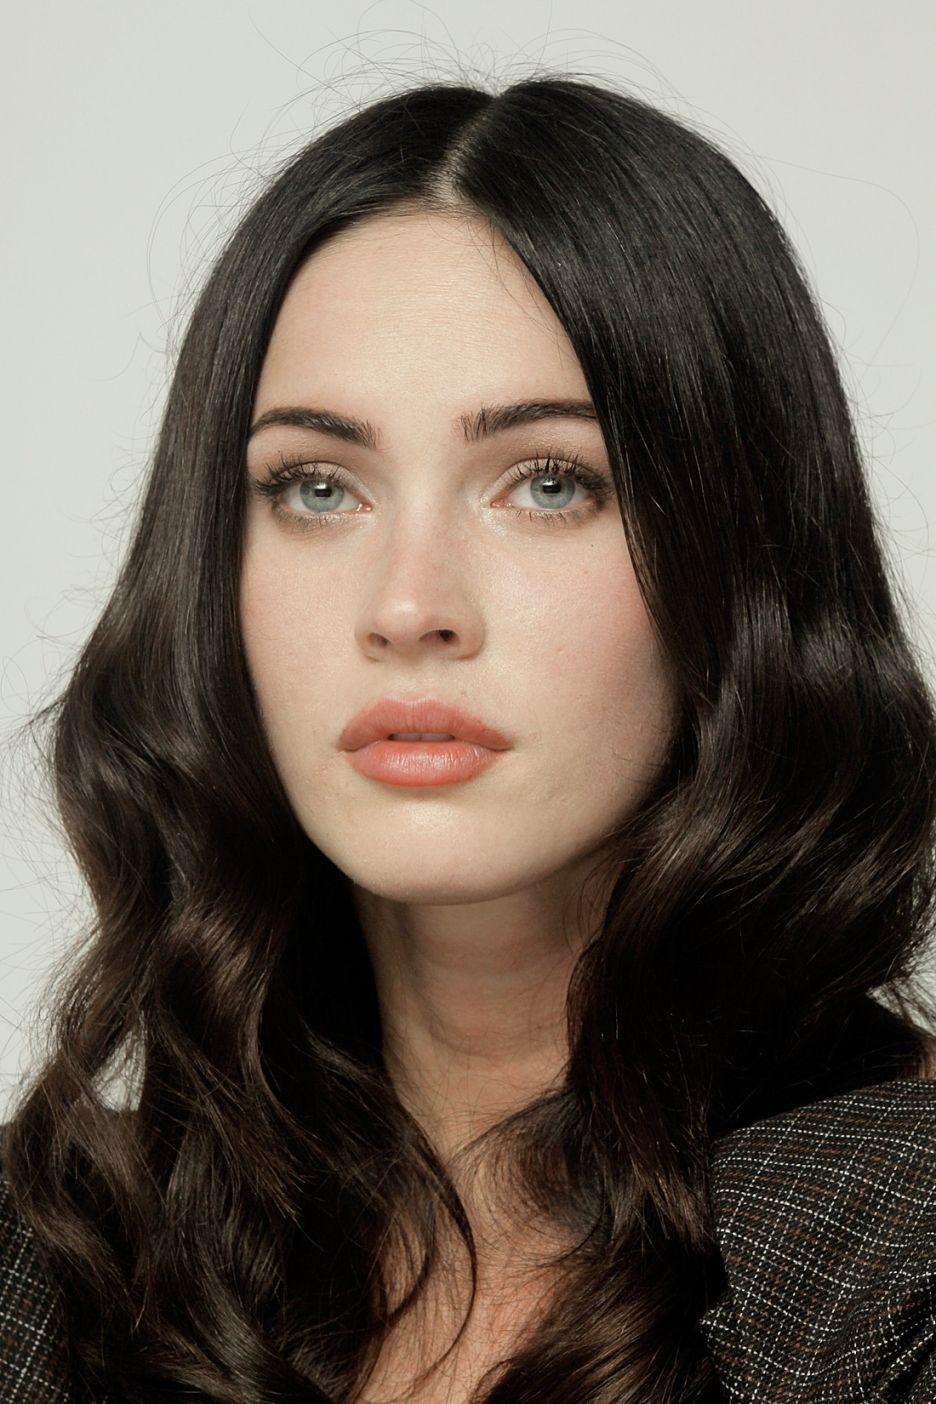 Picture Of Megan Fox Megan Fox Makeup Megan Fox Pictures Dark Hair